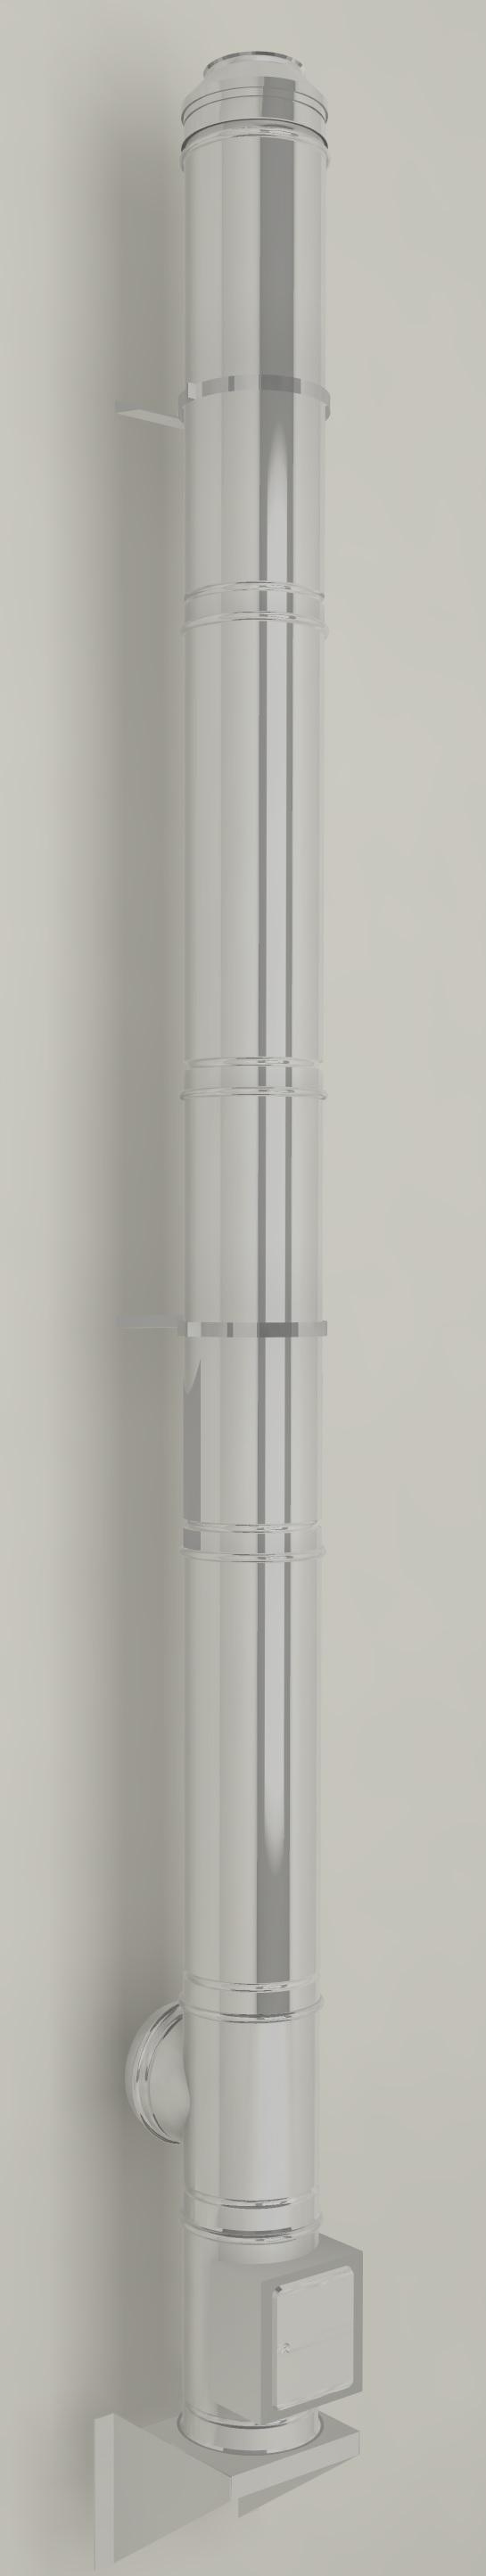 edelstahlschornstein doppelwandig isoliert bausatz 150mm 10m. Black Bedroom Furniture Sets. Home Design Ideas